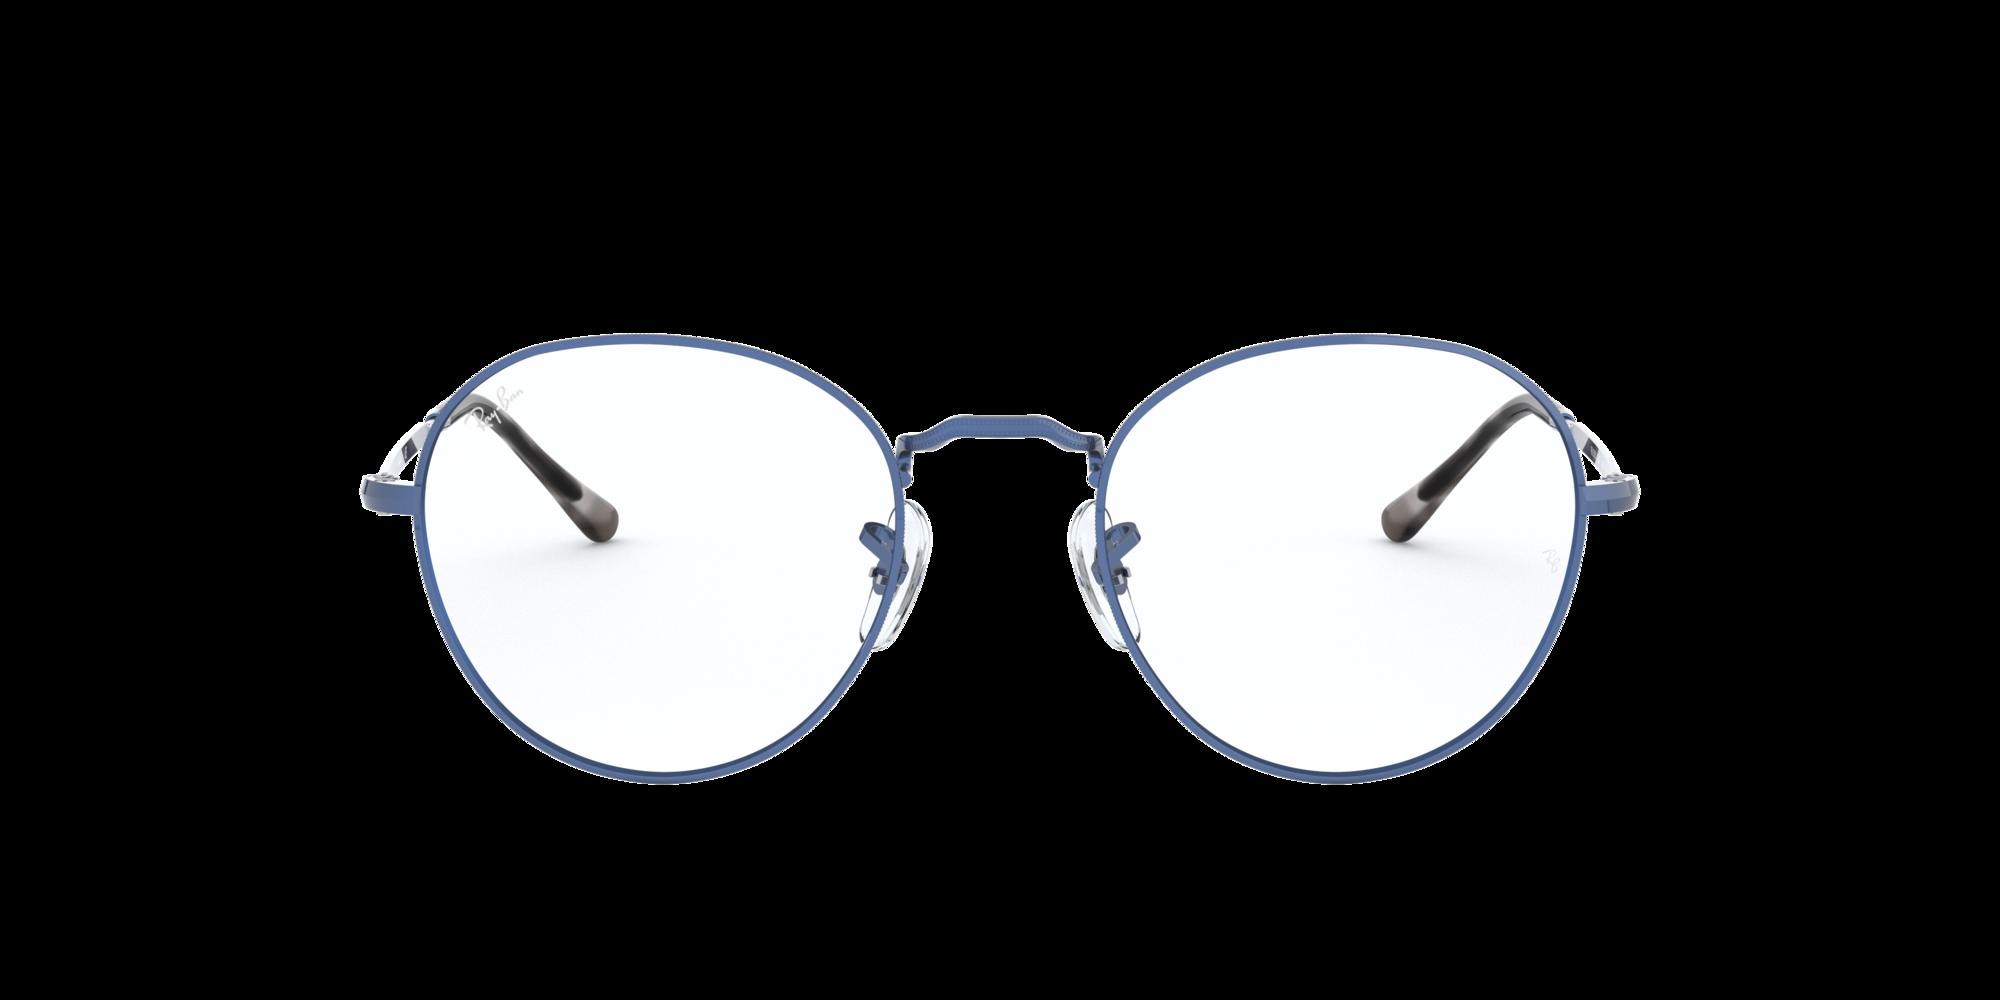 Image for RX3582V DAVID from LensCrafters | Glasses, Prescription Glasses Online, Eyewear